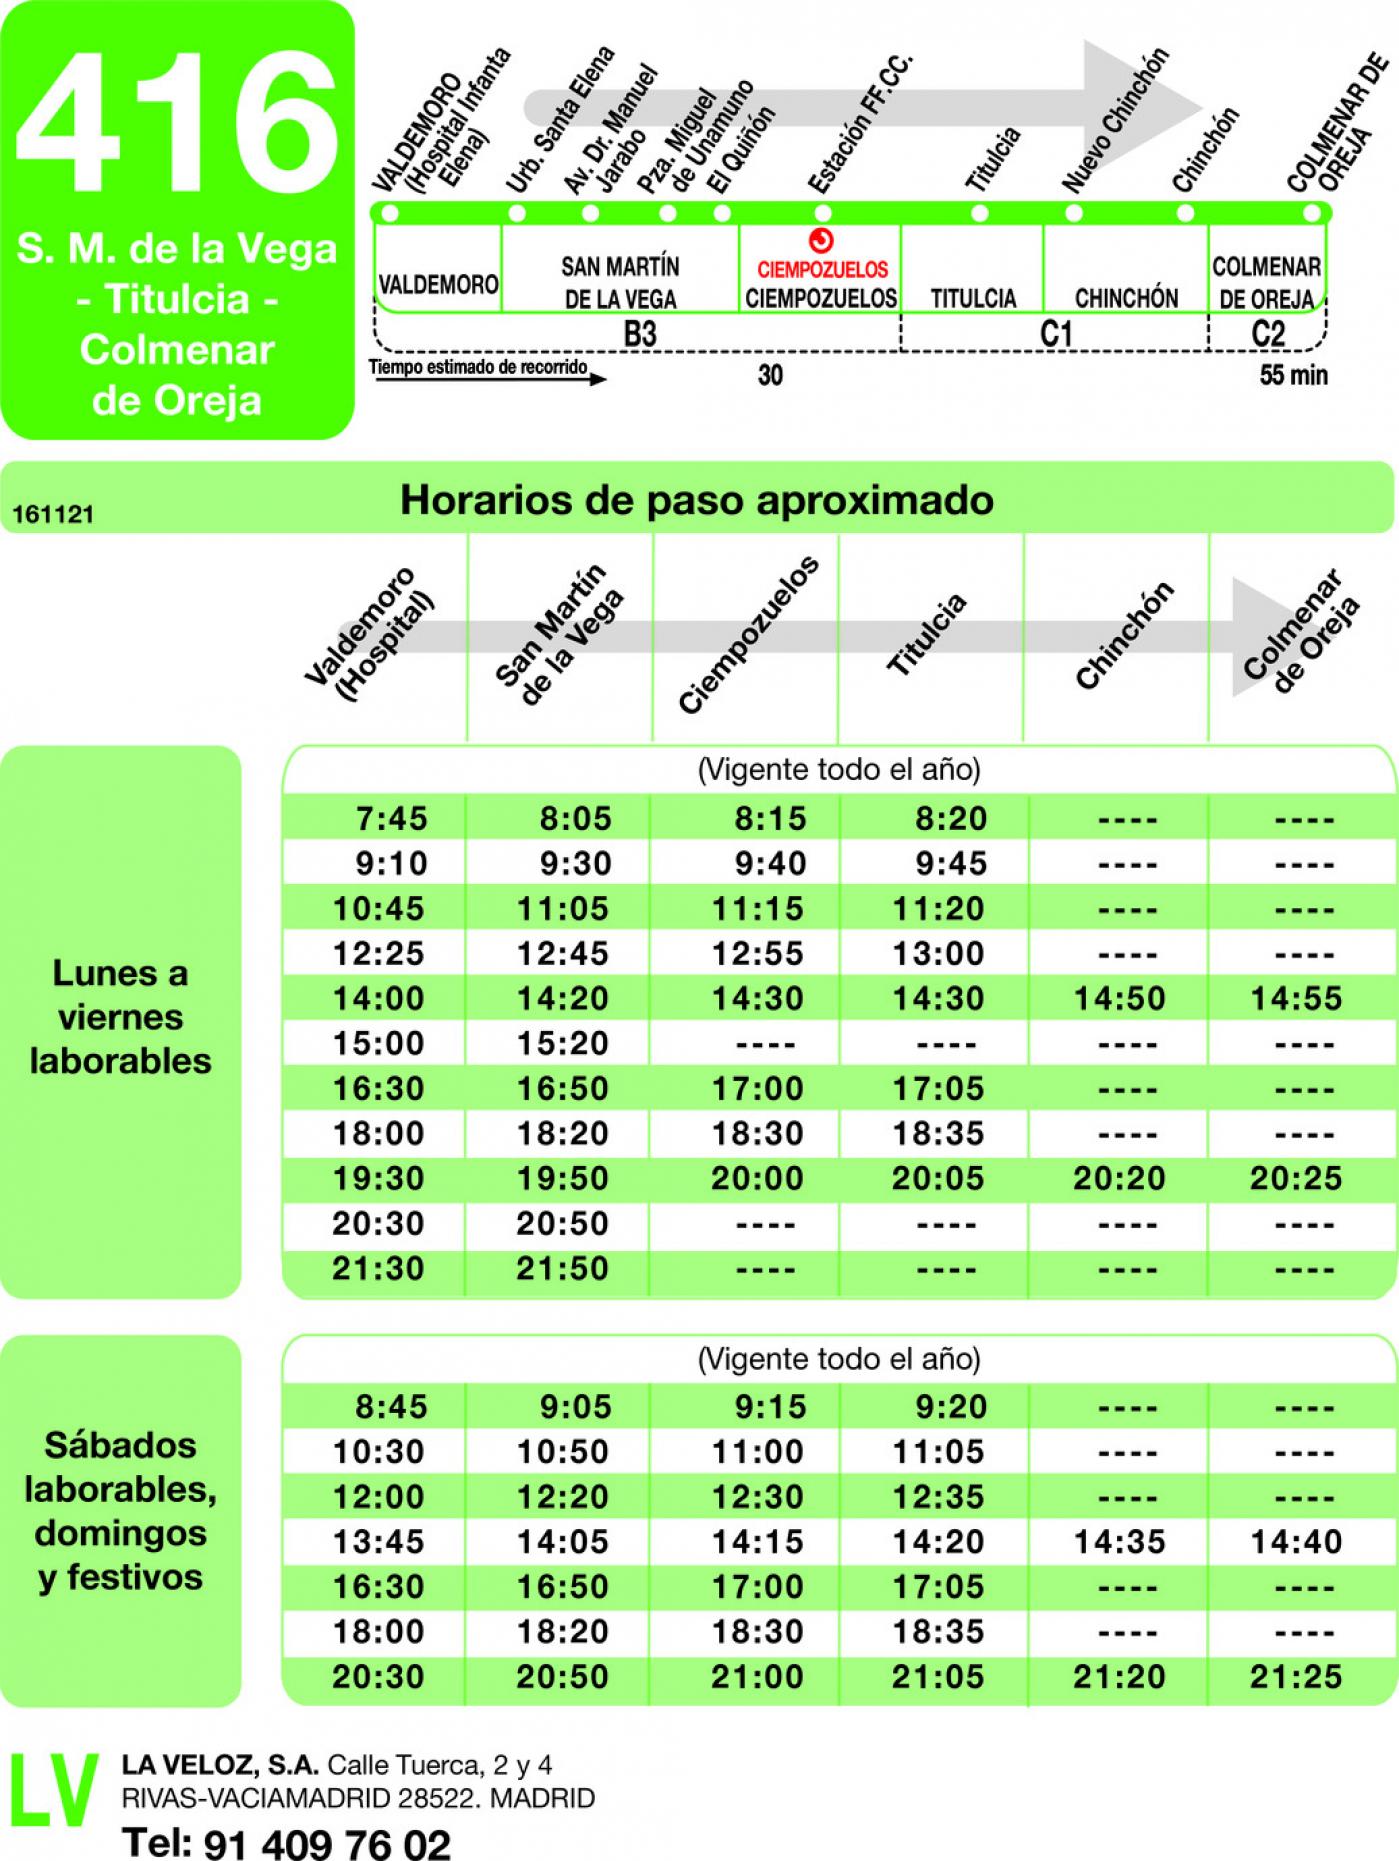 Tabla de horarios y frecuencias de paso en sentido ida Línea 416: Valdemoro (Hospital) - Titulcia - Colmenar de Oreja